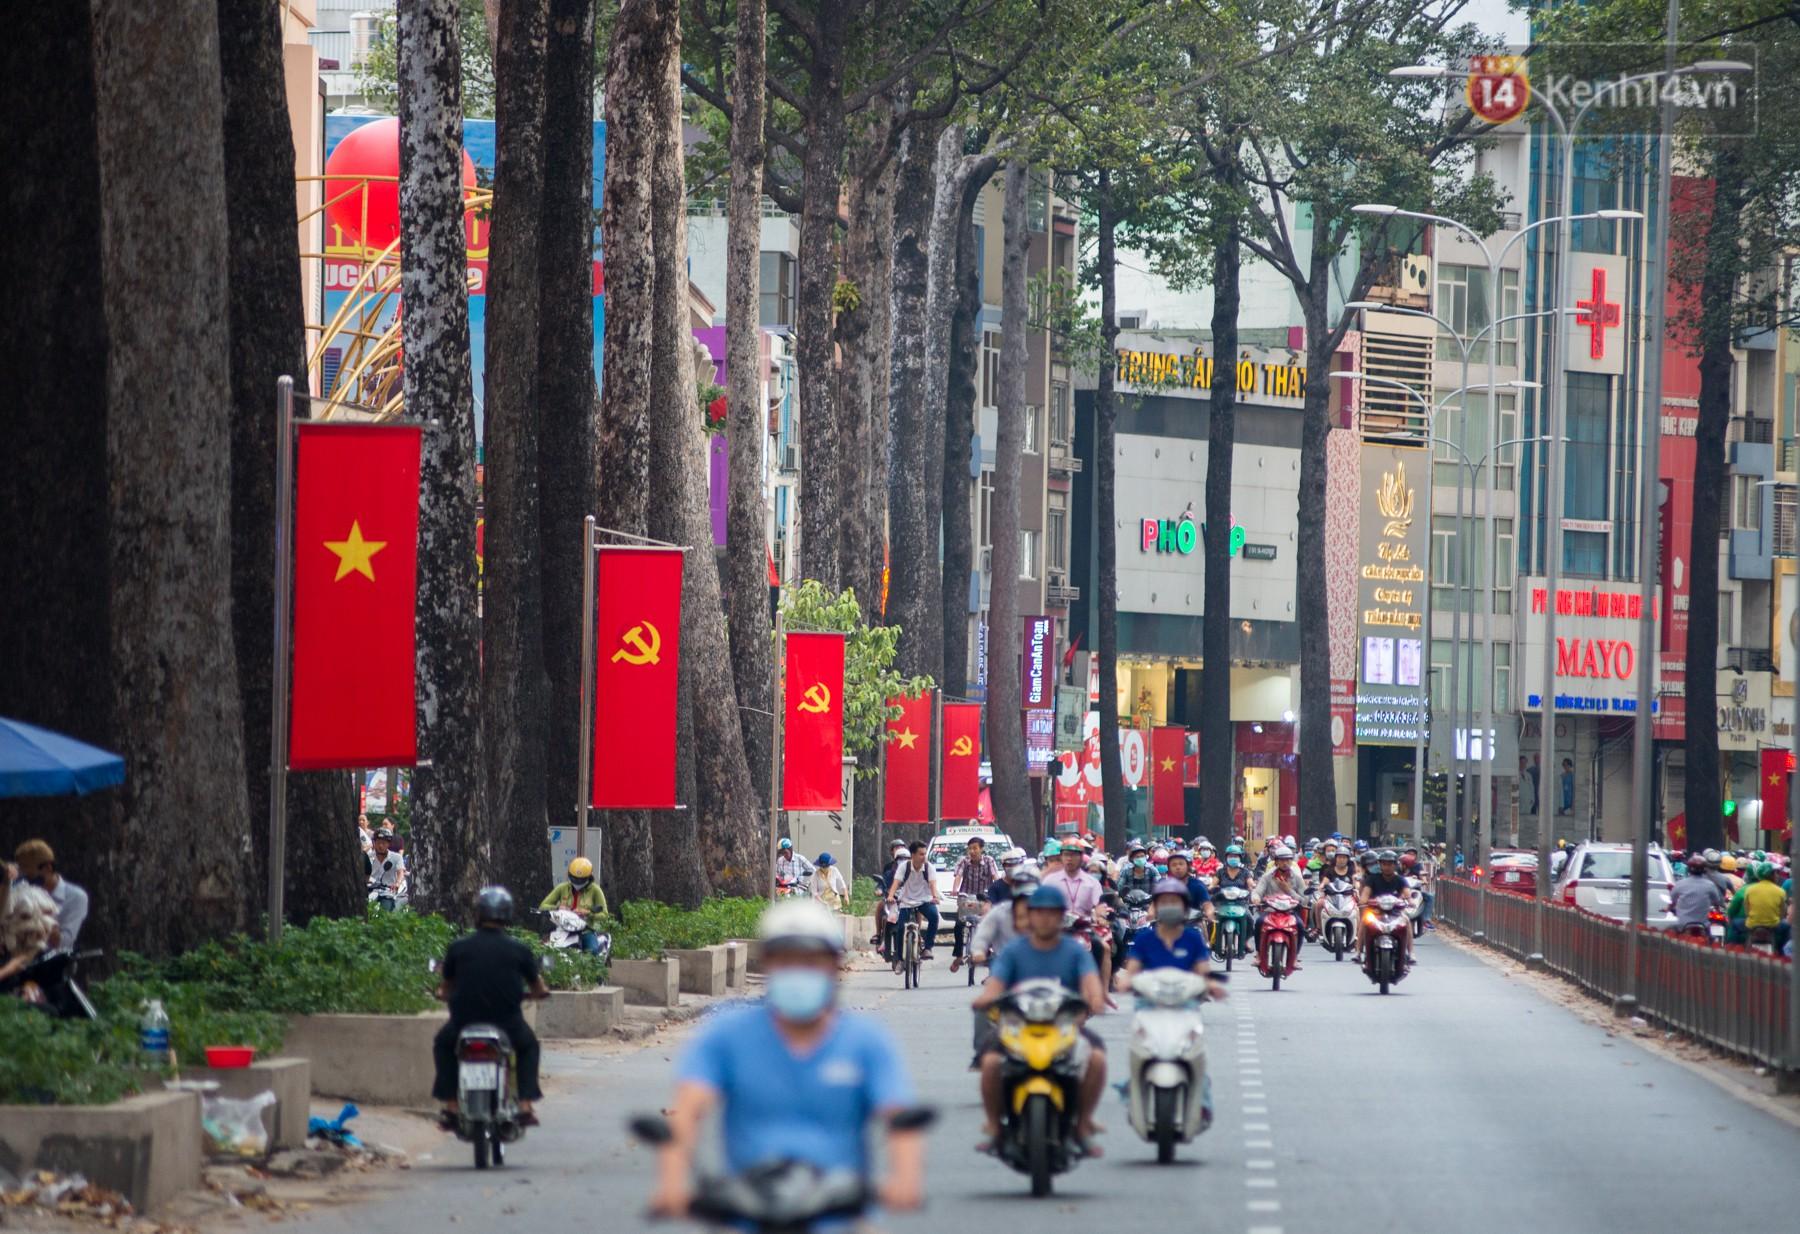 Chùm ảnh: Những ngày này, có một Sài Gòn tĩnh lặng lạ thường khi người dân đã rủ nhau đi trốn - Ảnh 2.